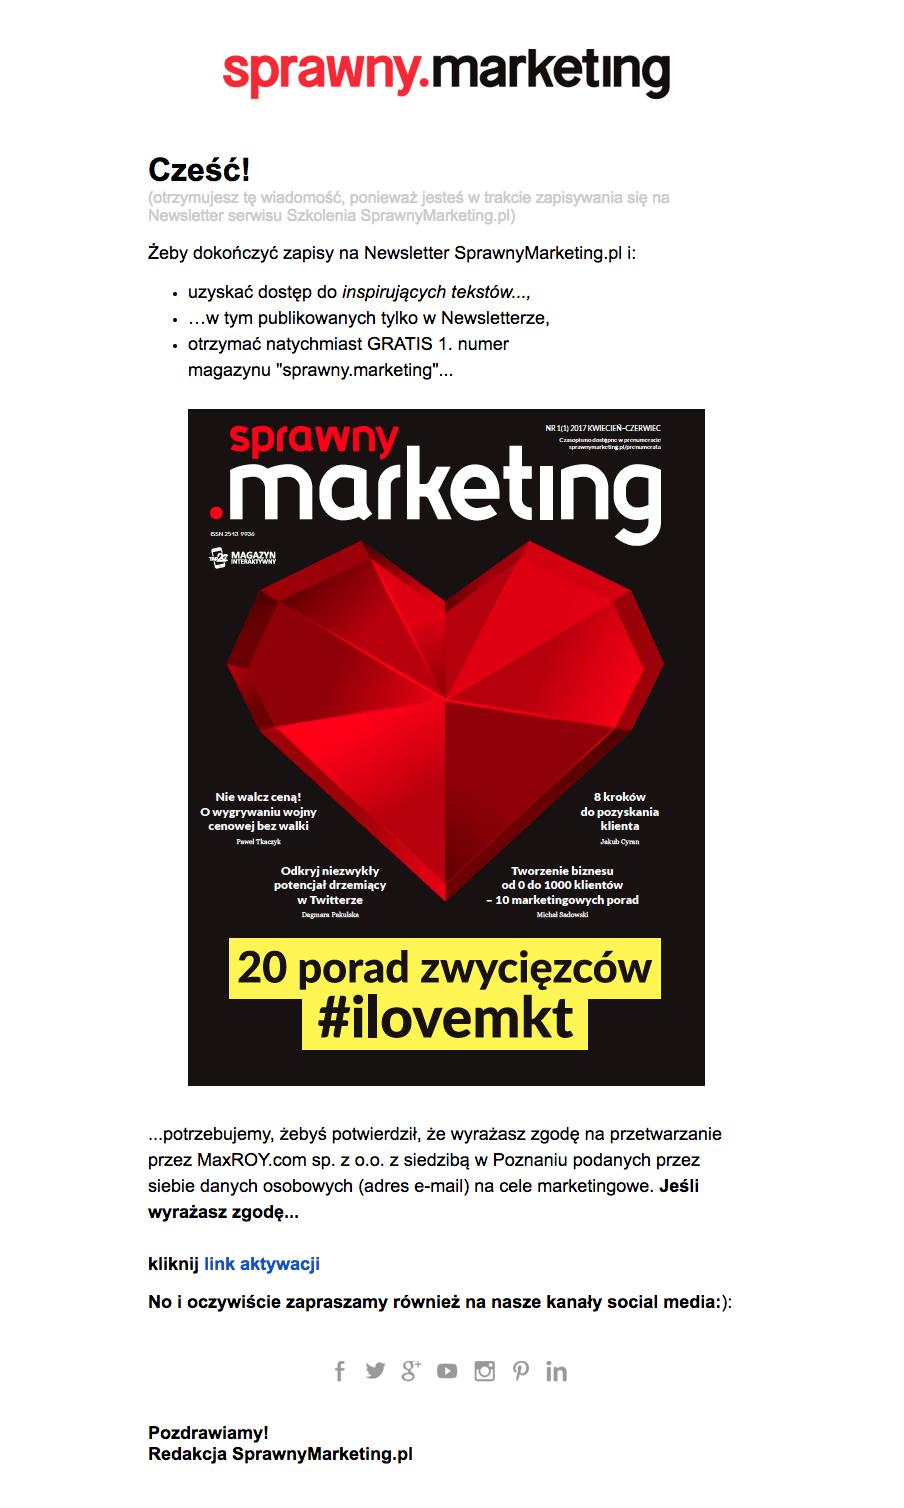 wiadomości potwierdzające - sprawny marketing